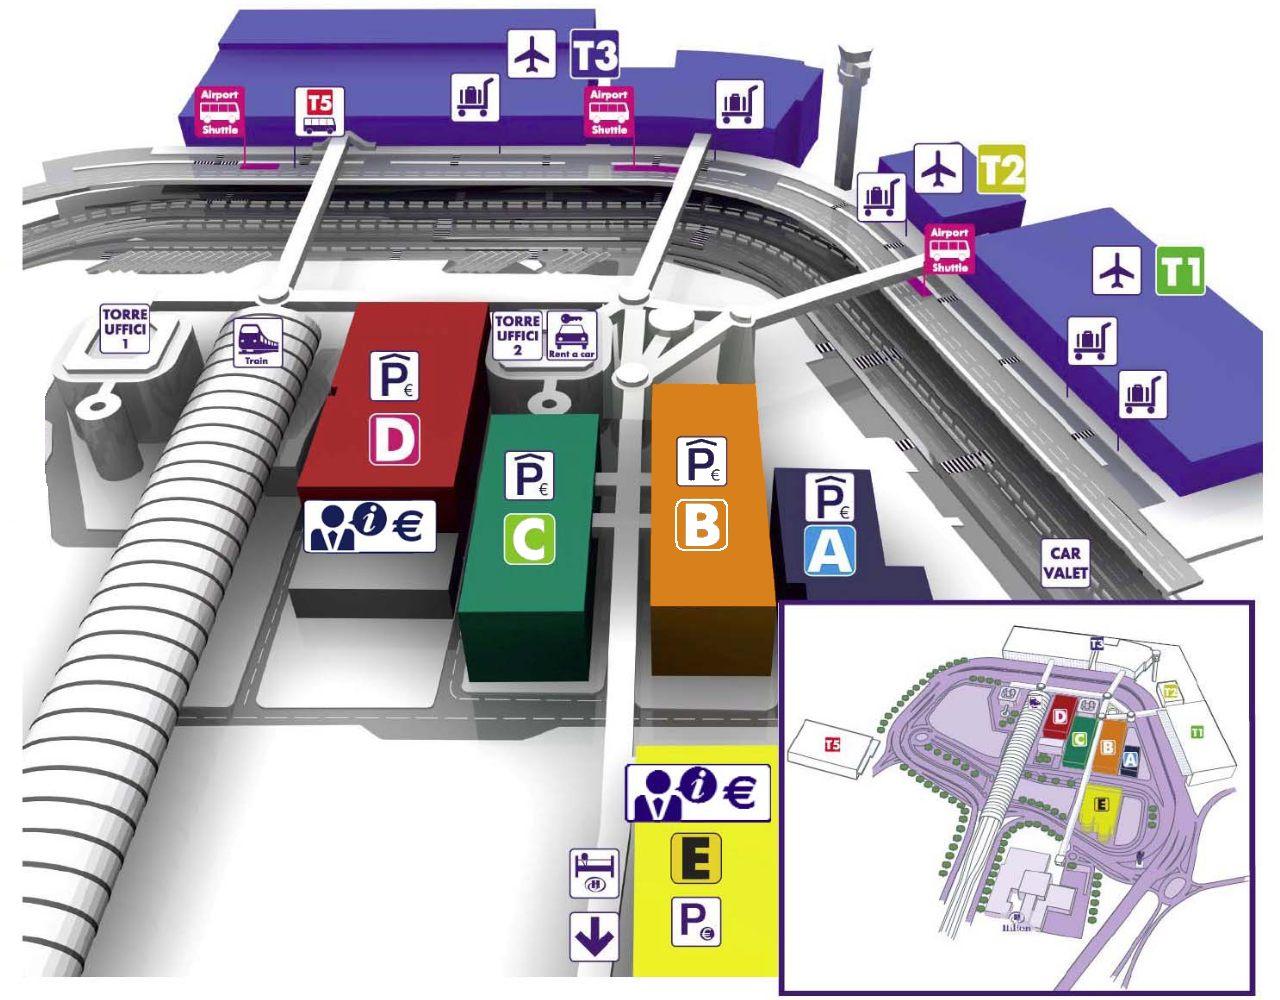 Mappa aeroporto Fiumicino